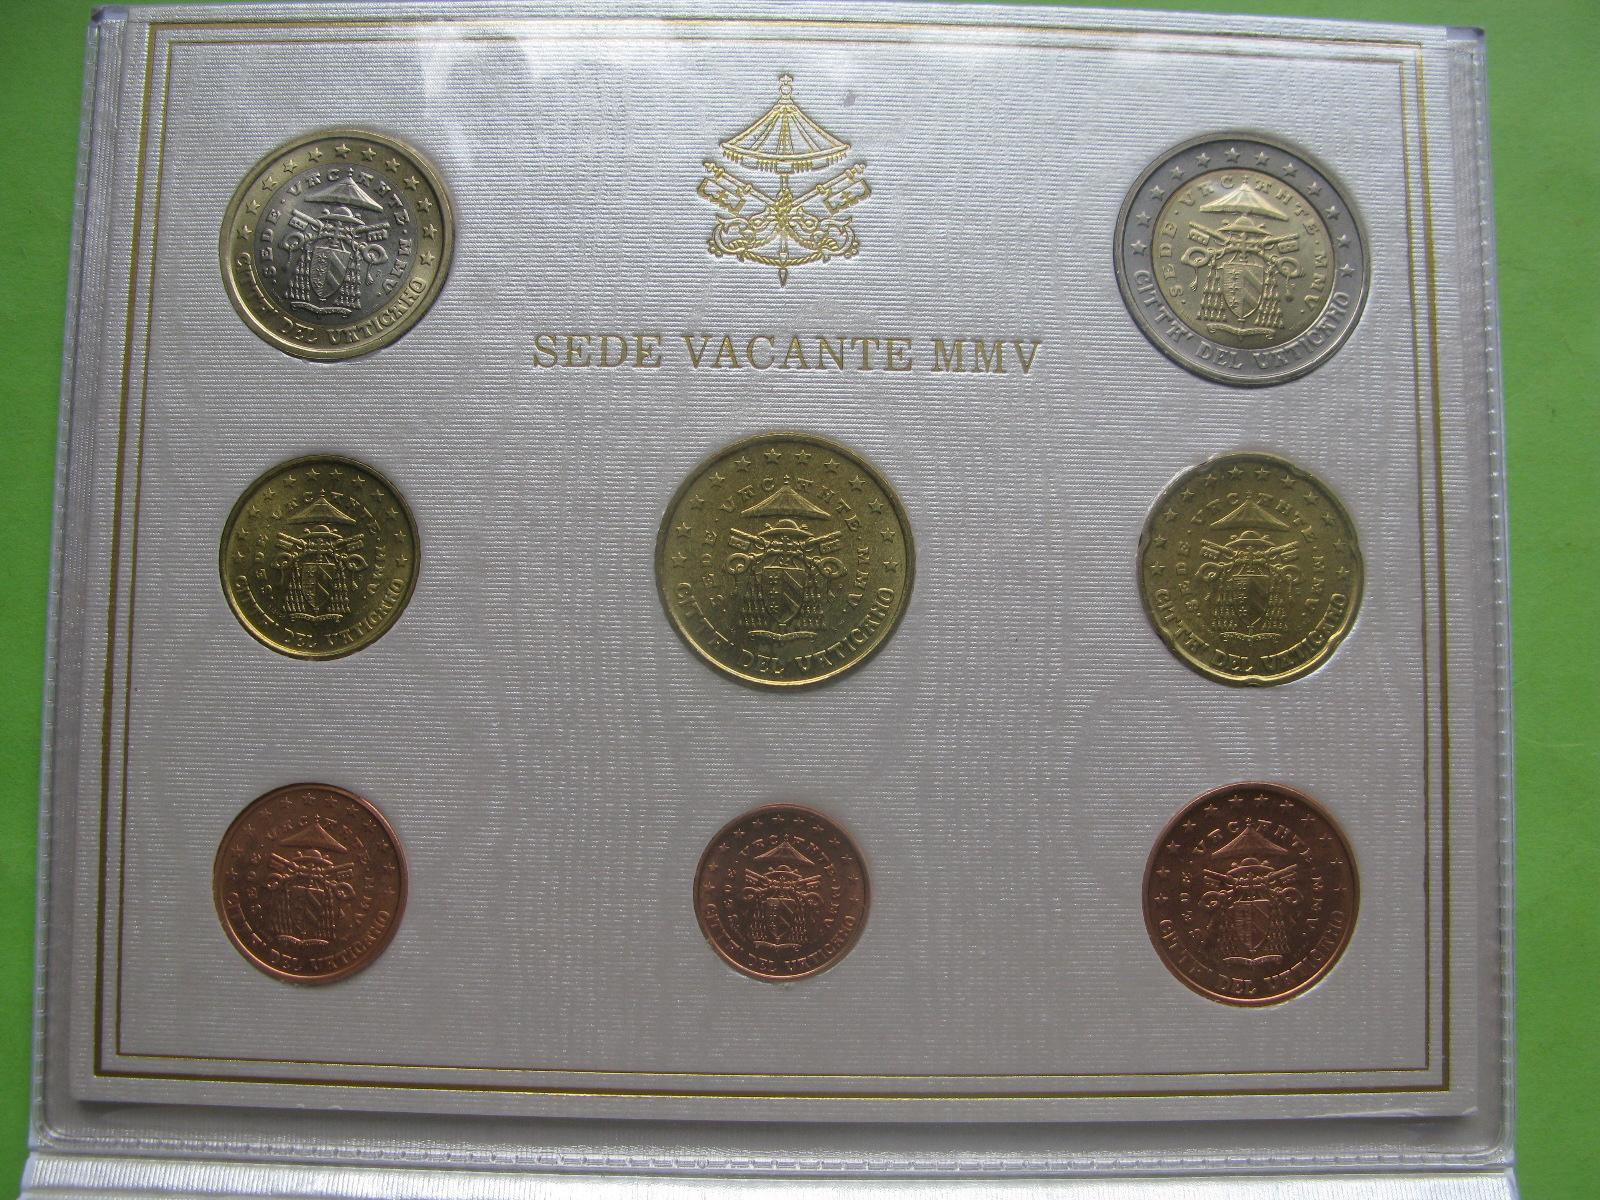 Ватикан официальный набор 2005 г. Вакантный престол (Sede Vacante)